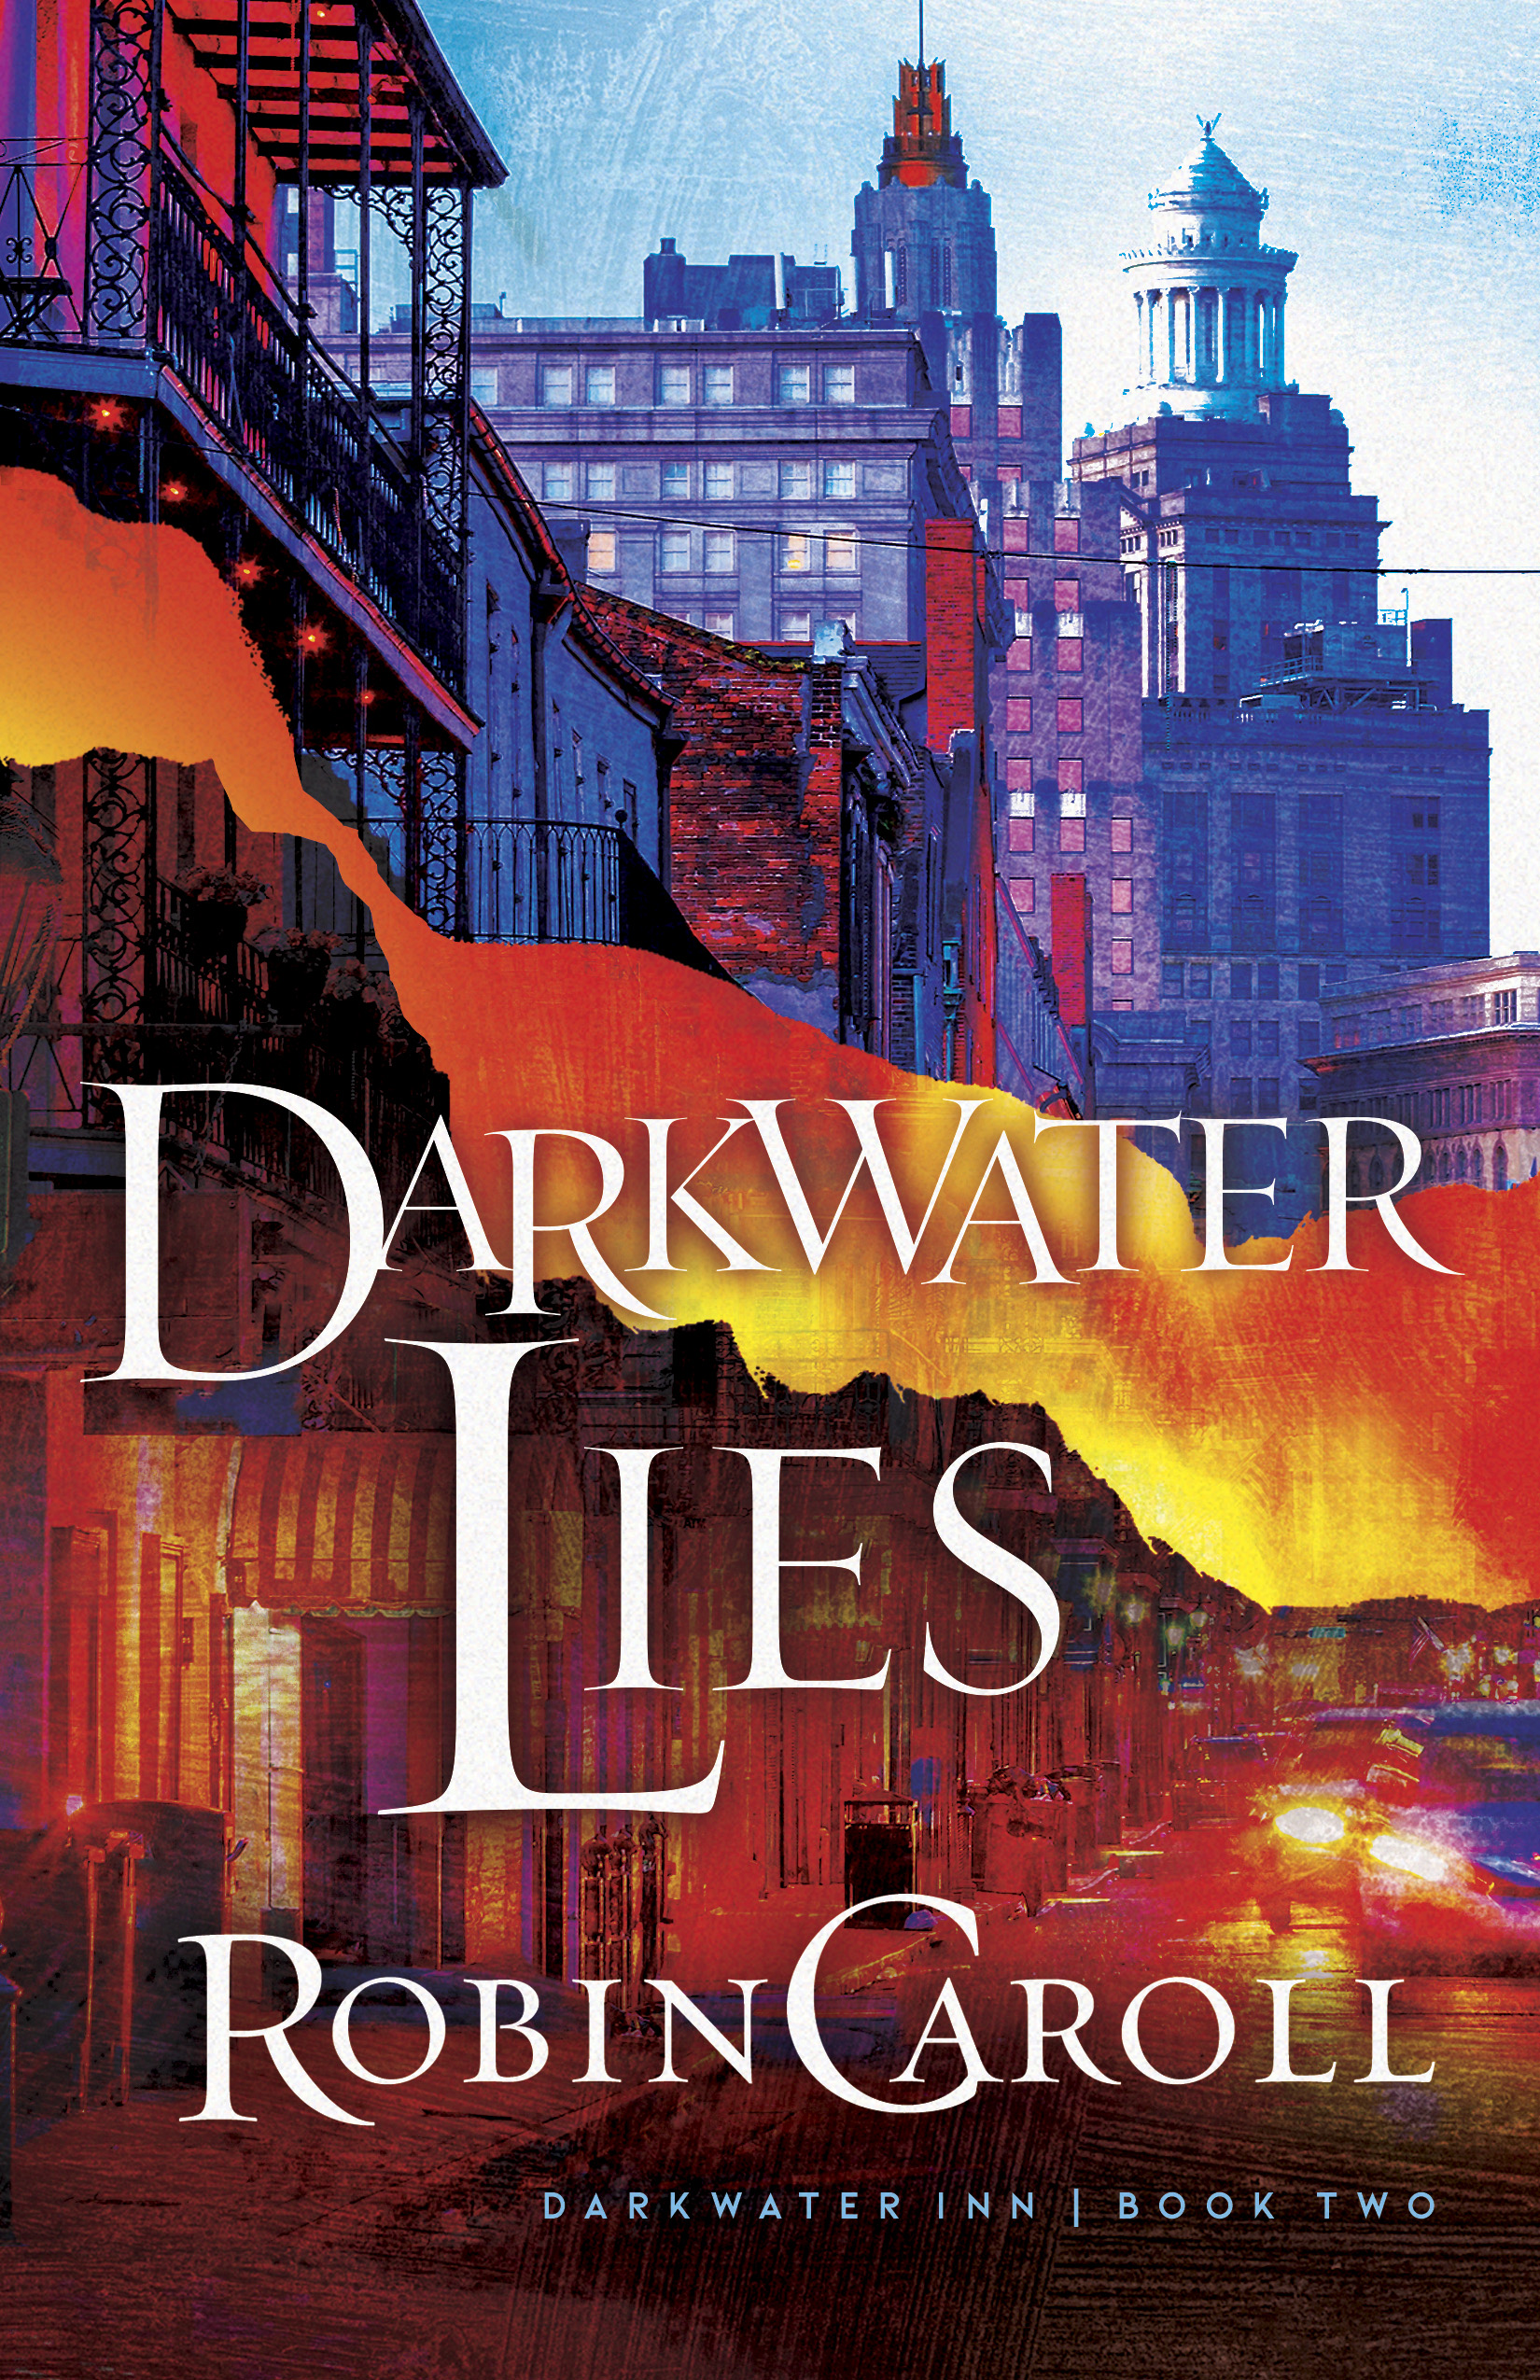 Darkwater Lies